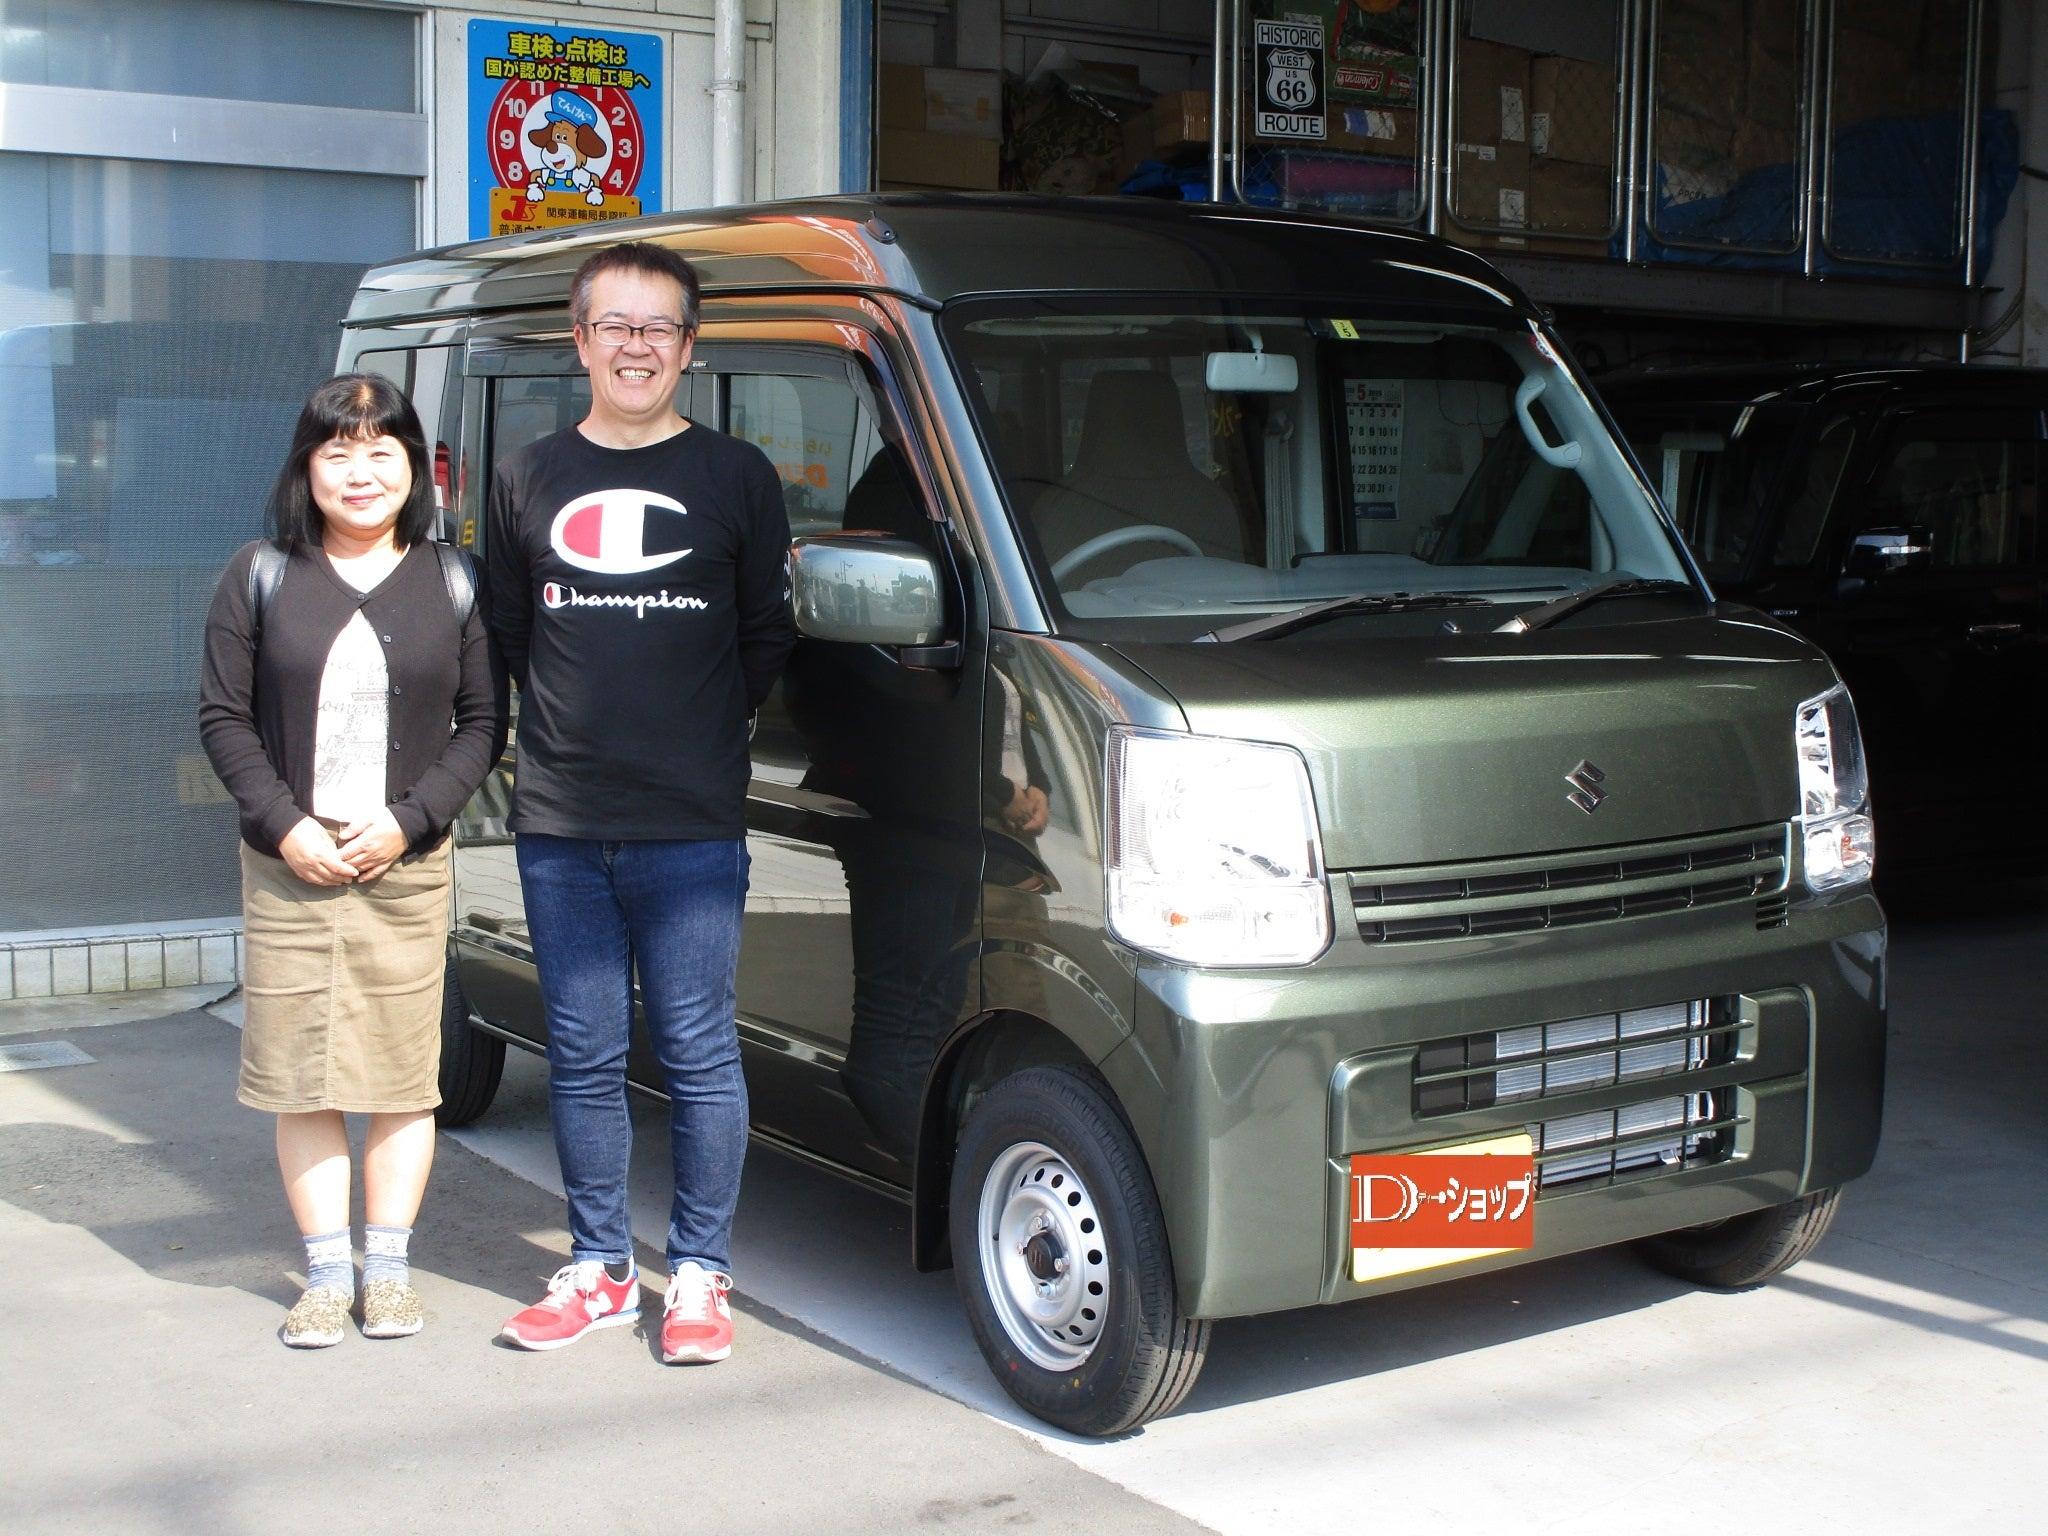 茨城県S様 キャンピングカー生活のスタートにエブリィは渋色チョイスです!